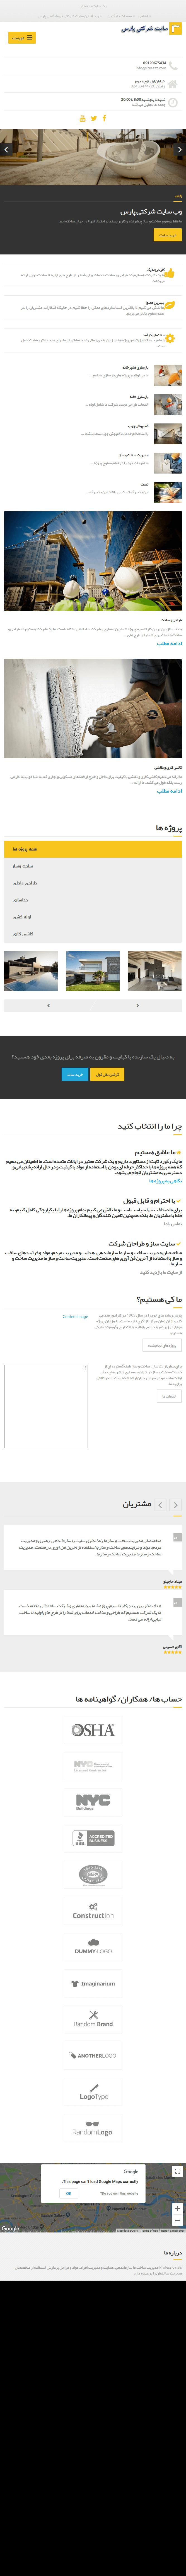 حالت تبلت سایت شرکتی پارس